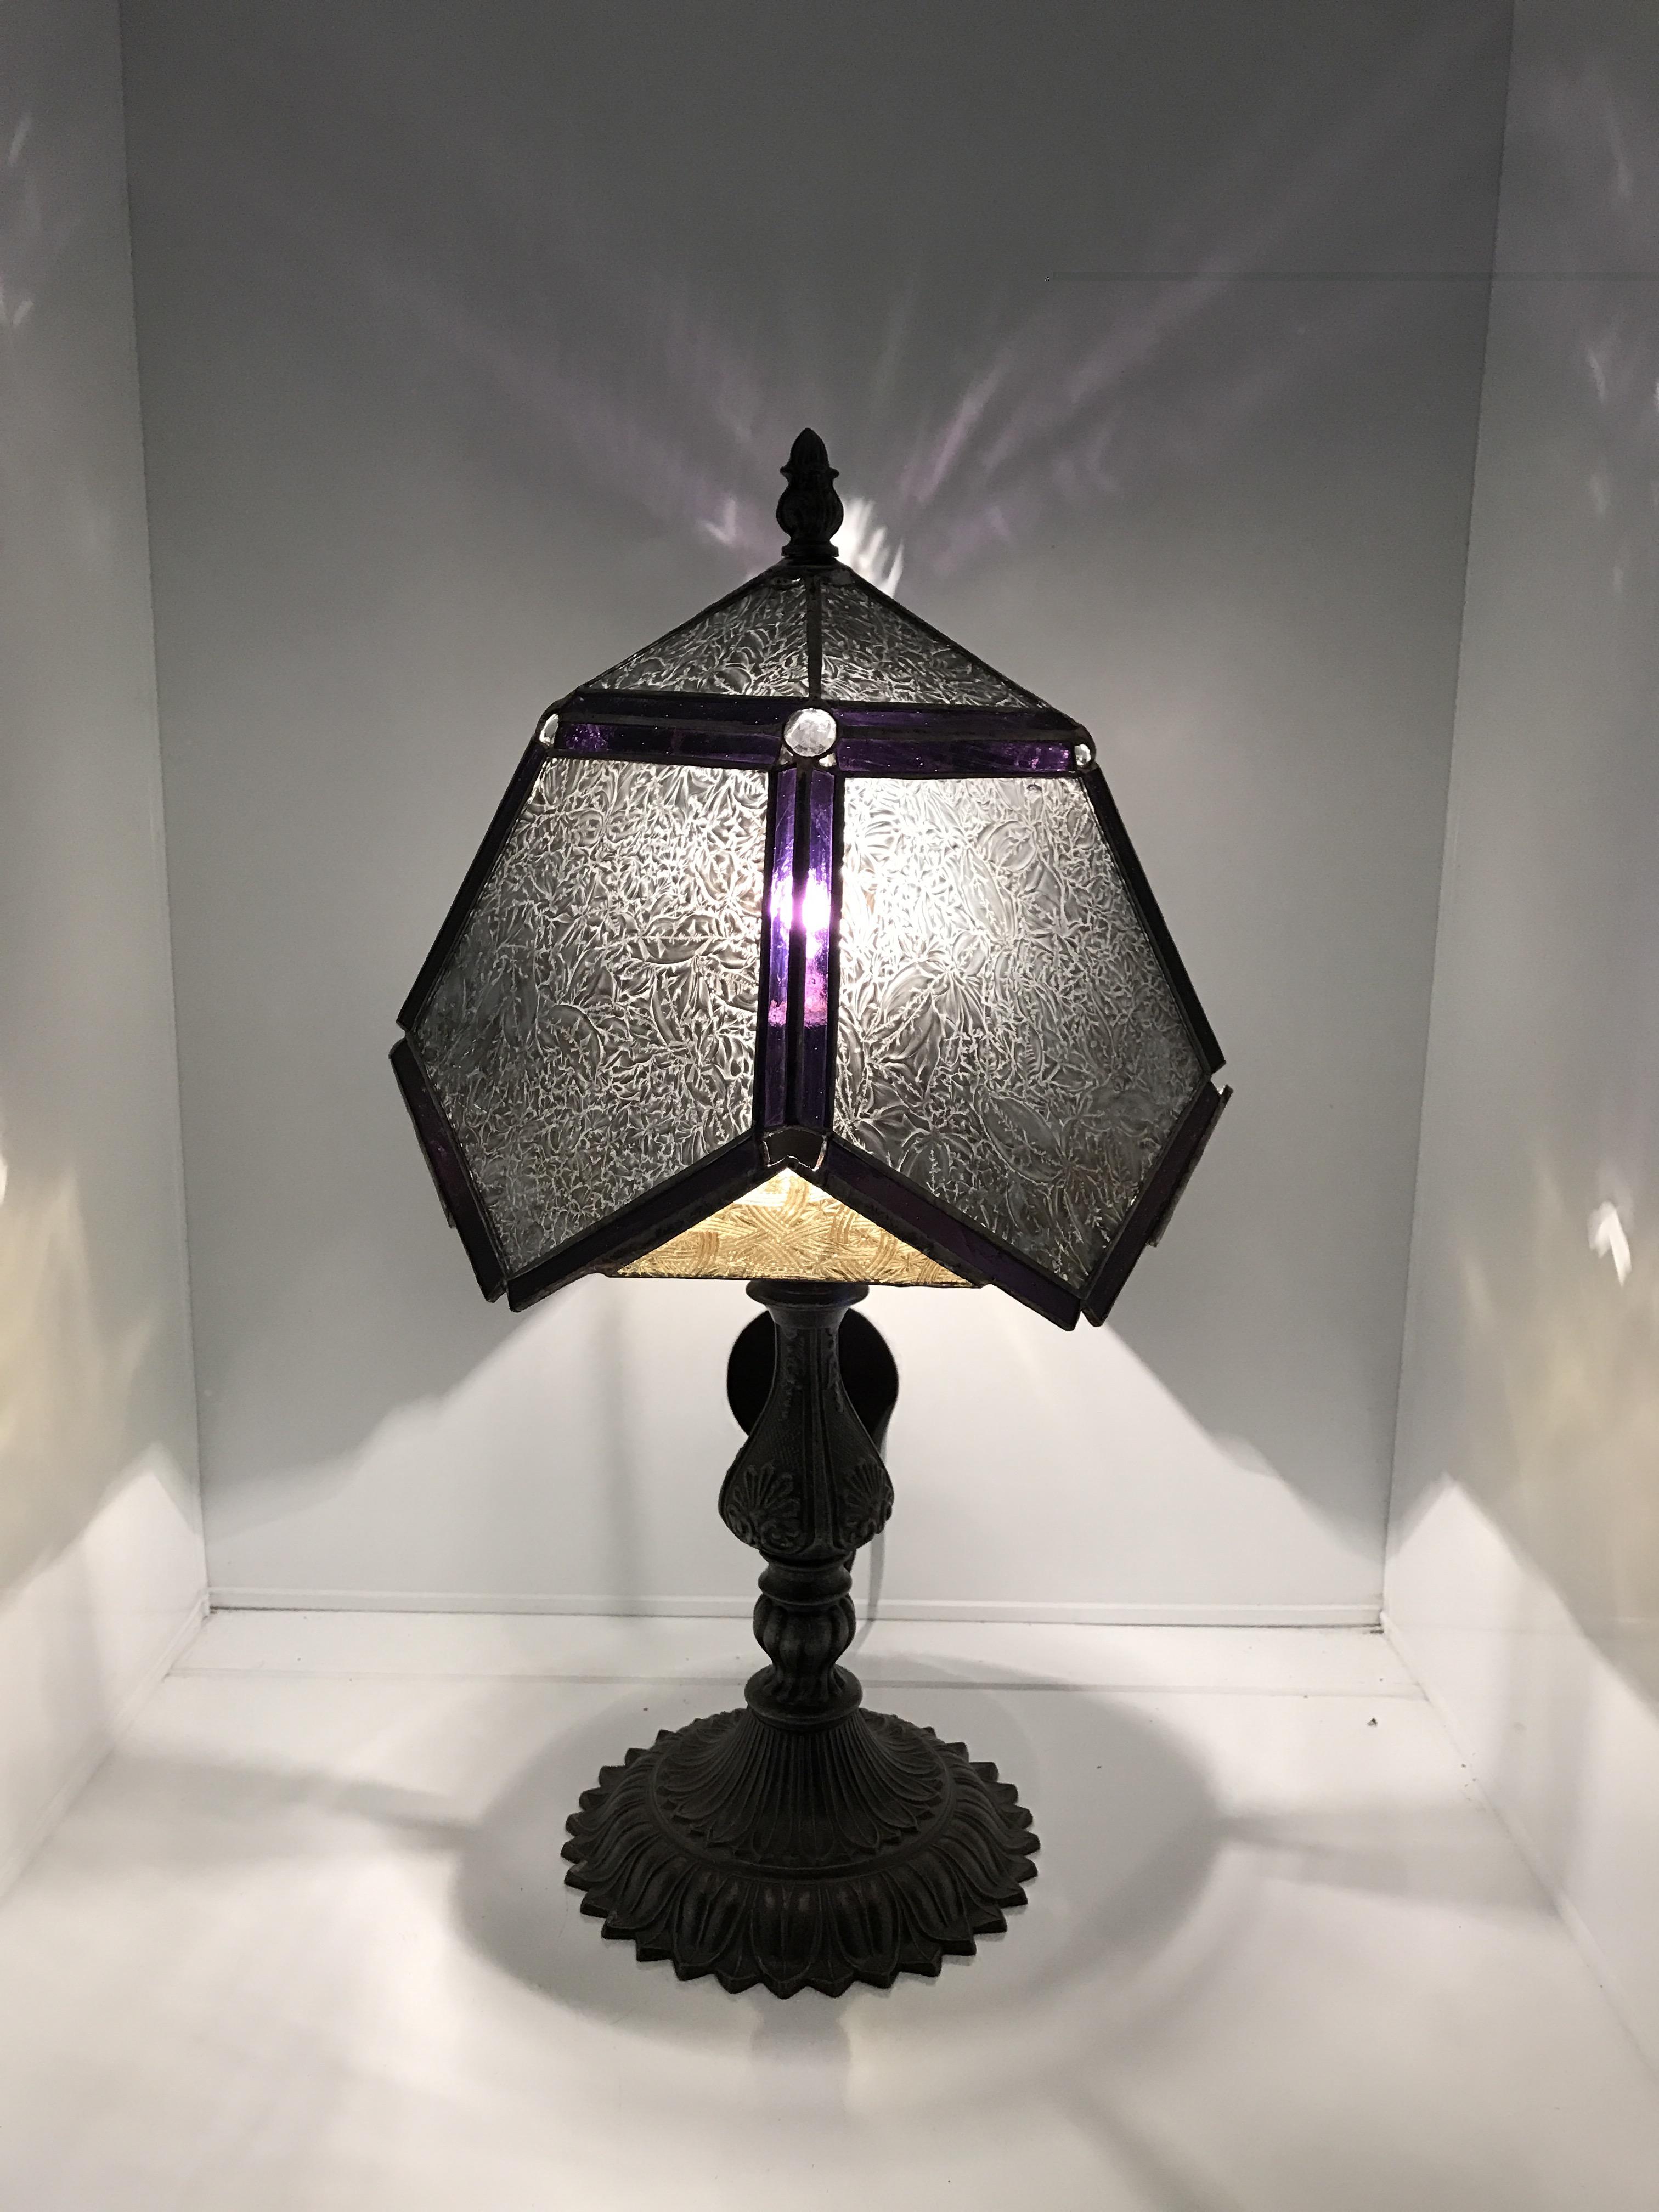 夢ガラスの作品「ペンタゴンの和風ランプ」